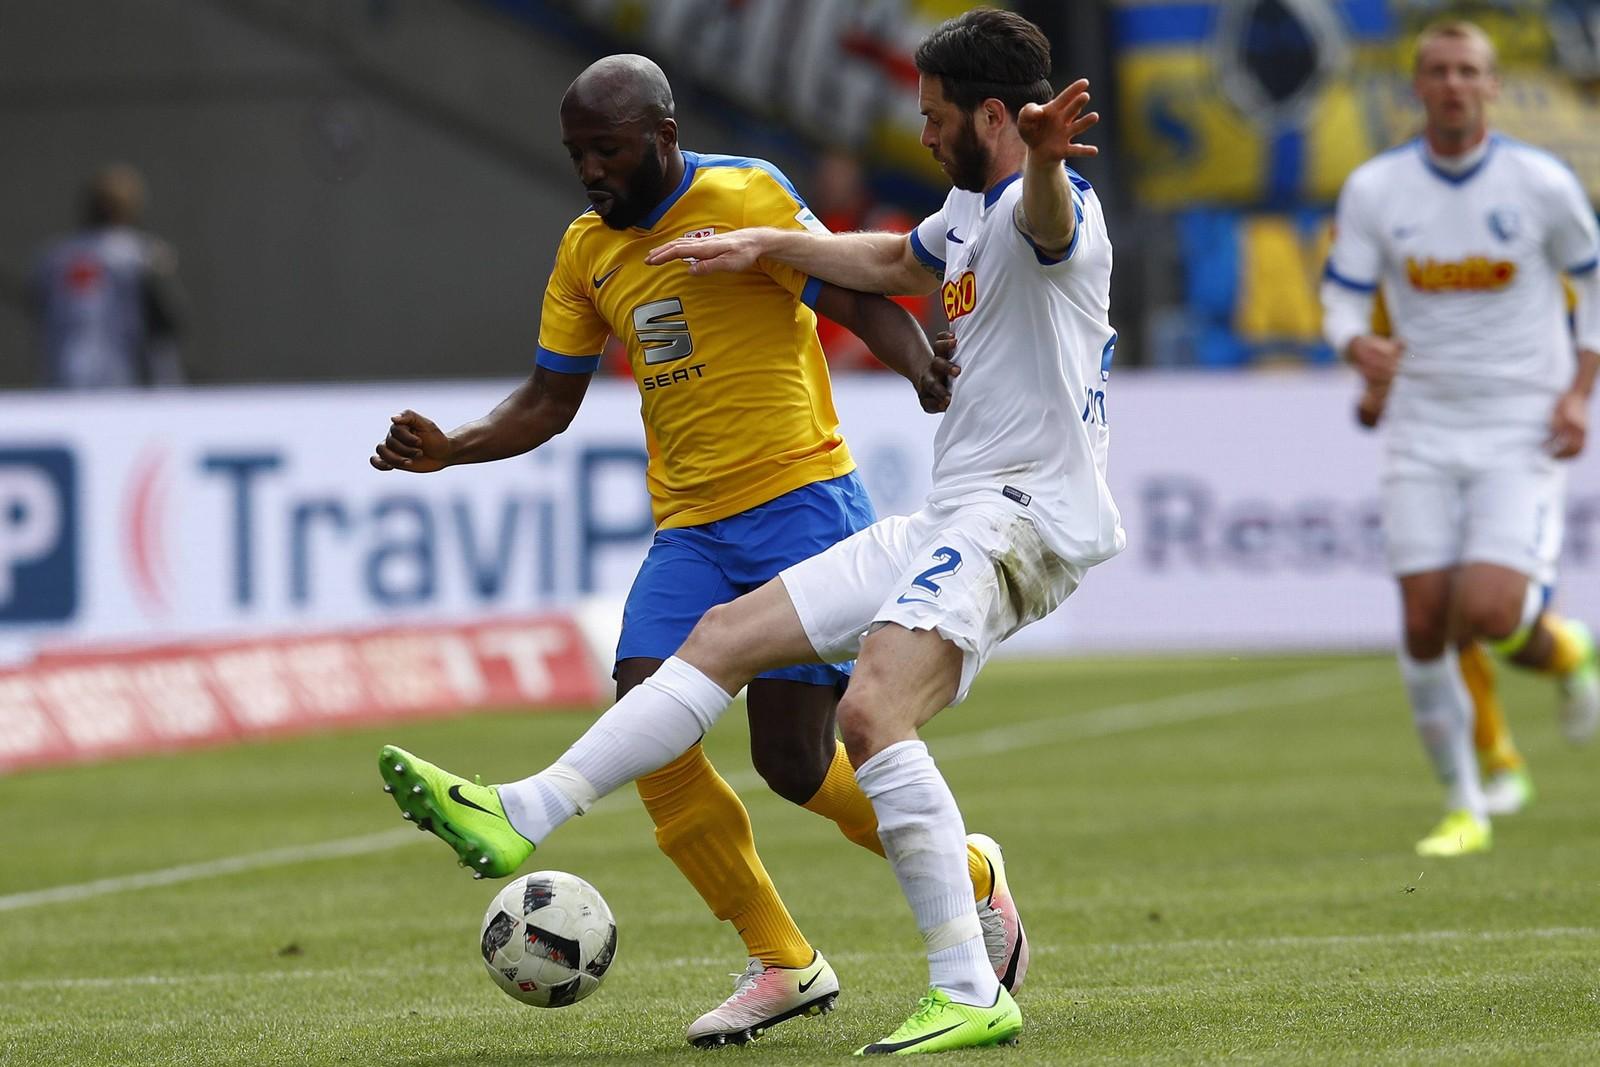 Domi Kumbela von Eintracht Braunschweig gegen Tim Hoogland vom VfL Bochum